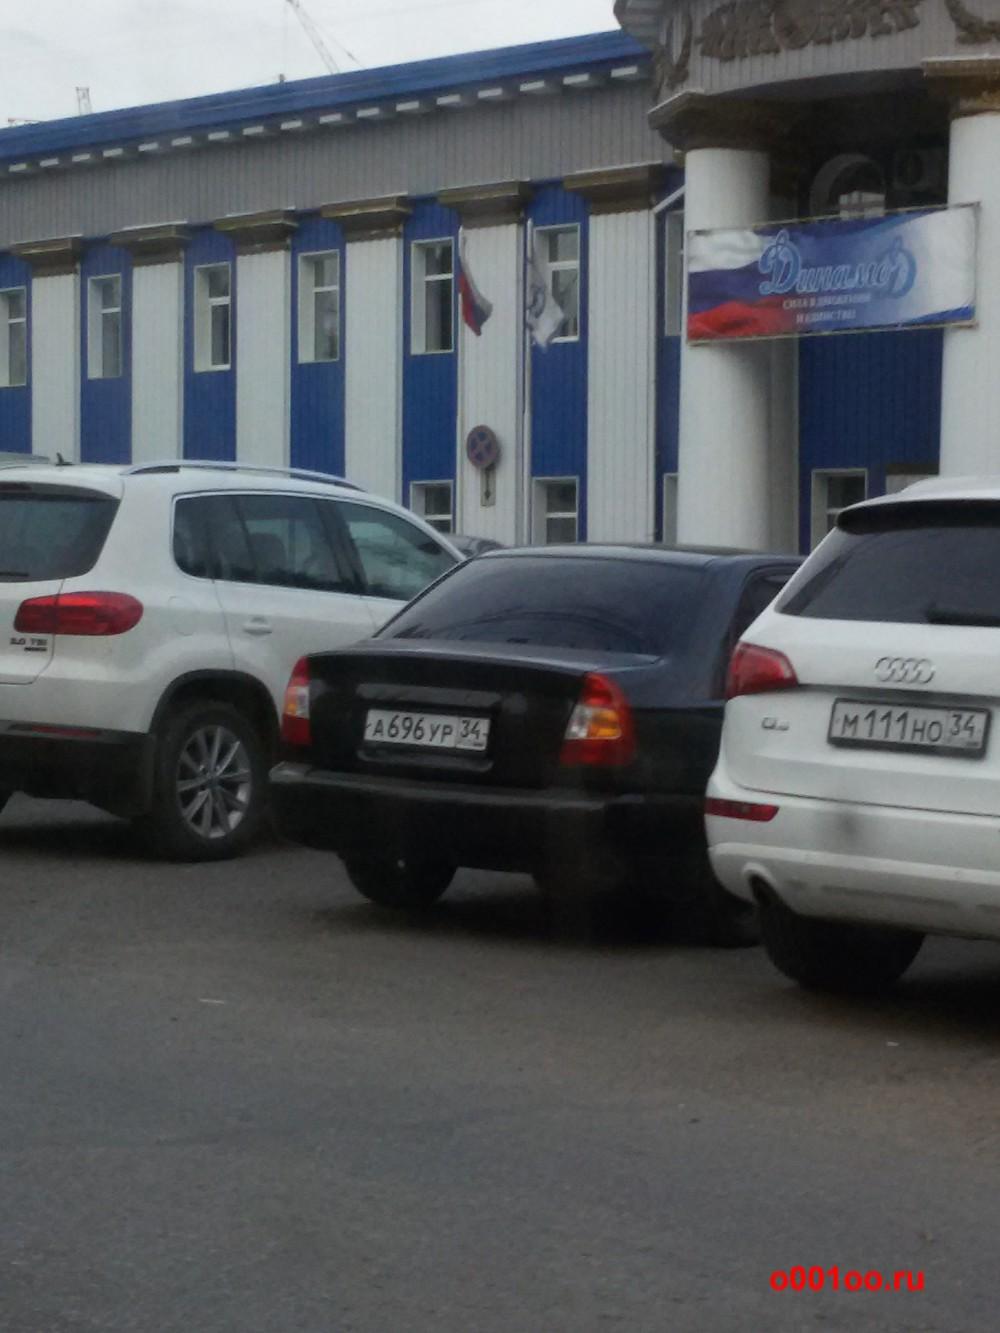 м111но34